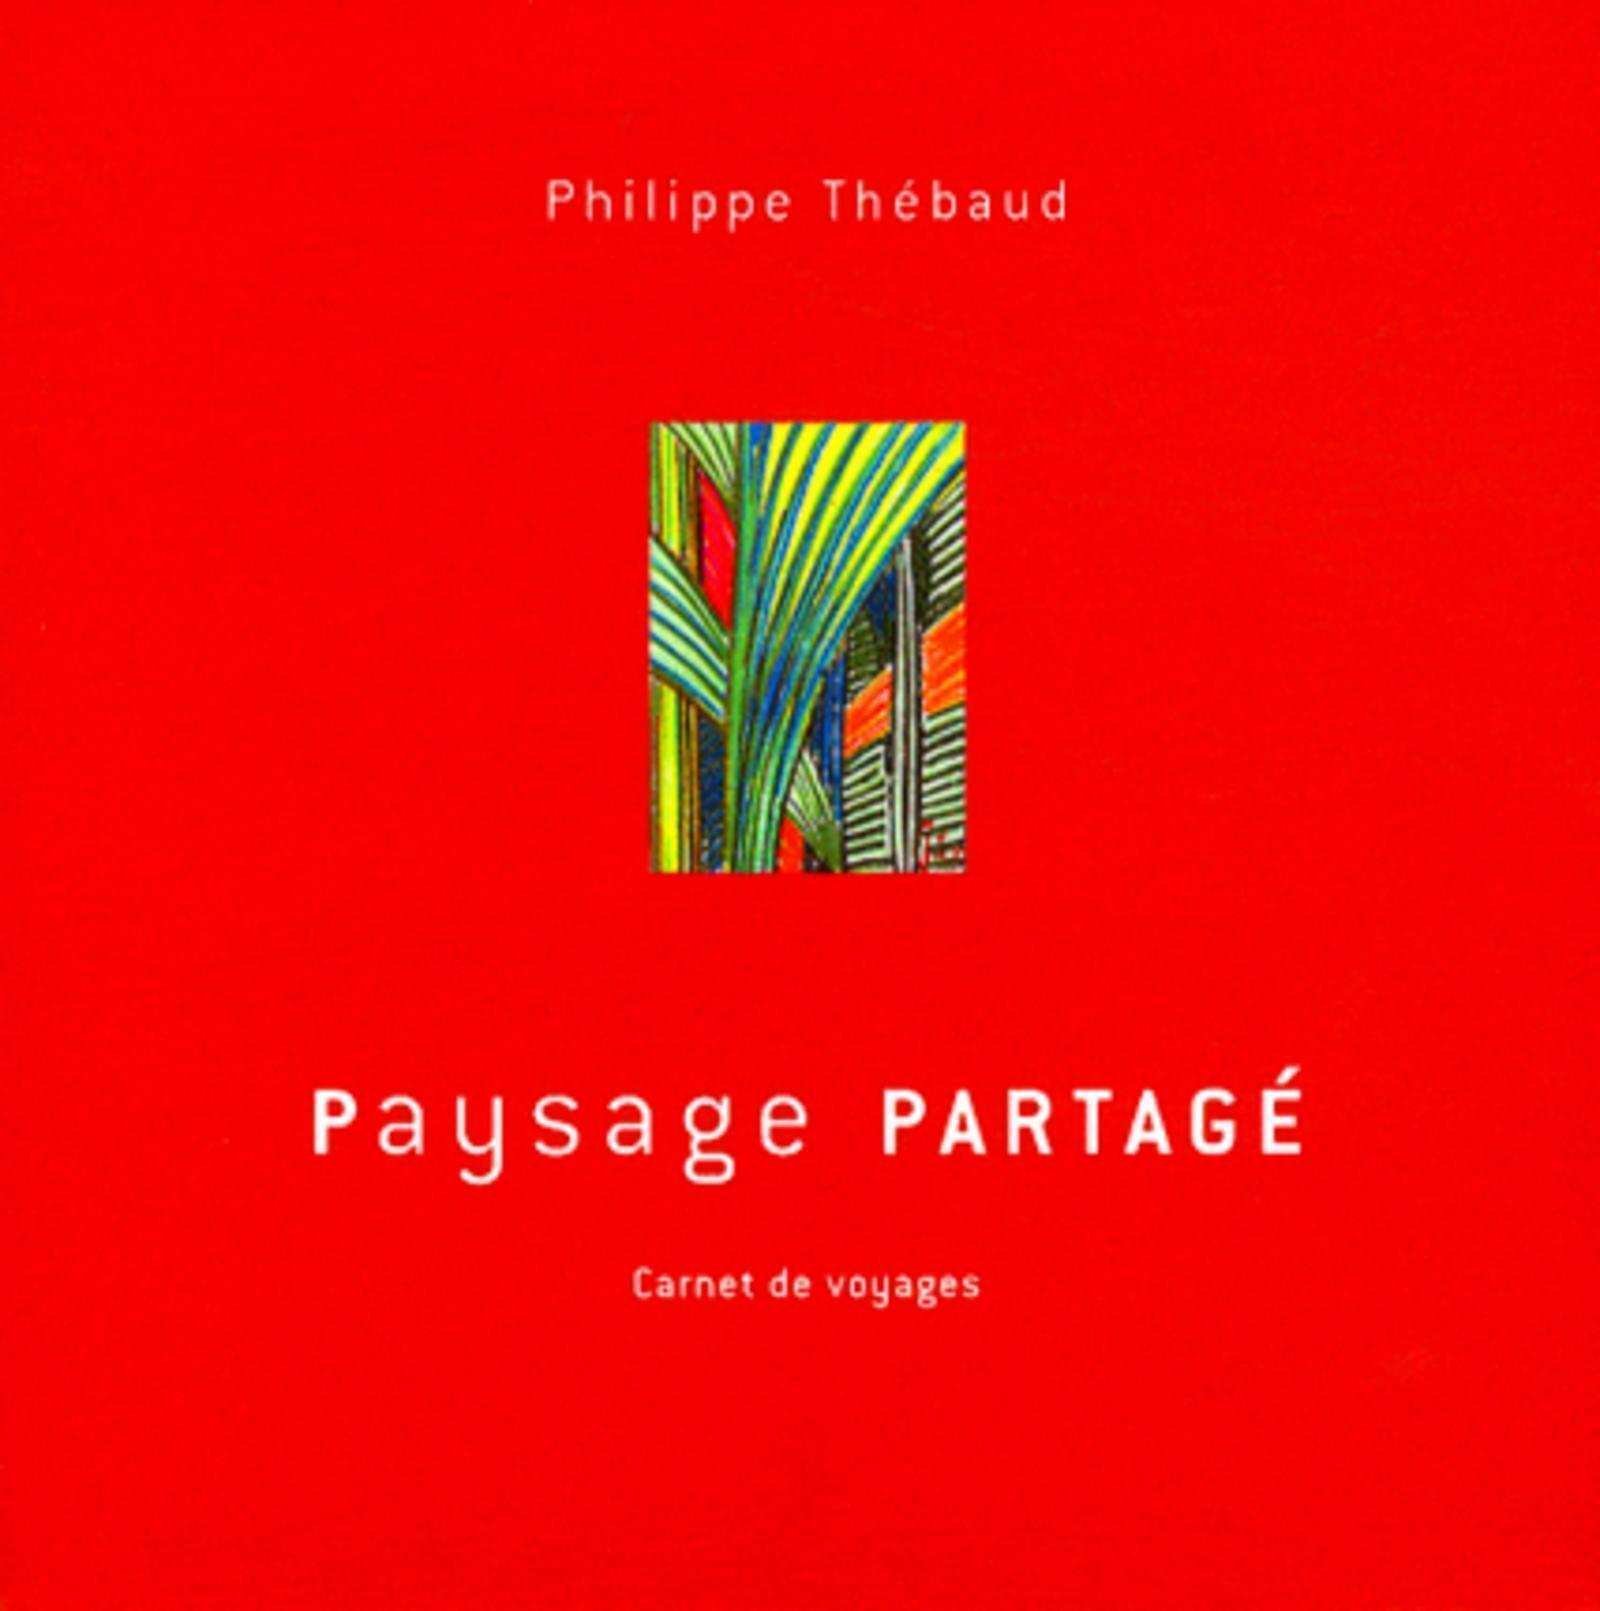 PAYSAGE PARTAGE CARNET DE VOYAGES